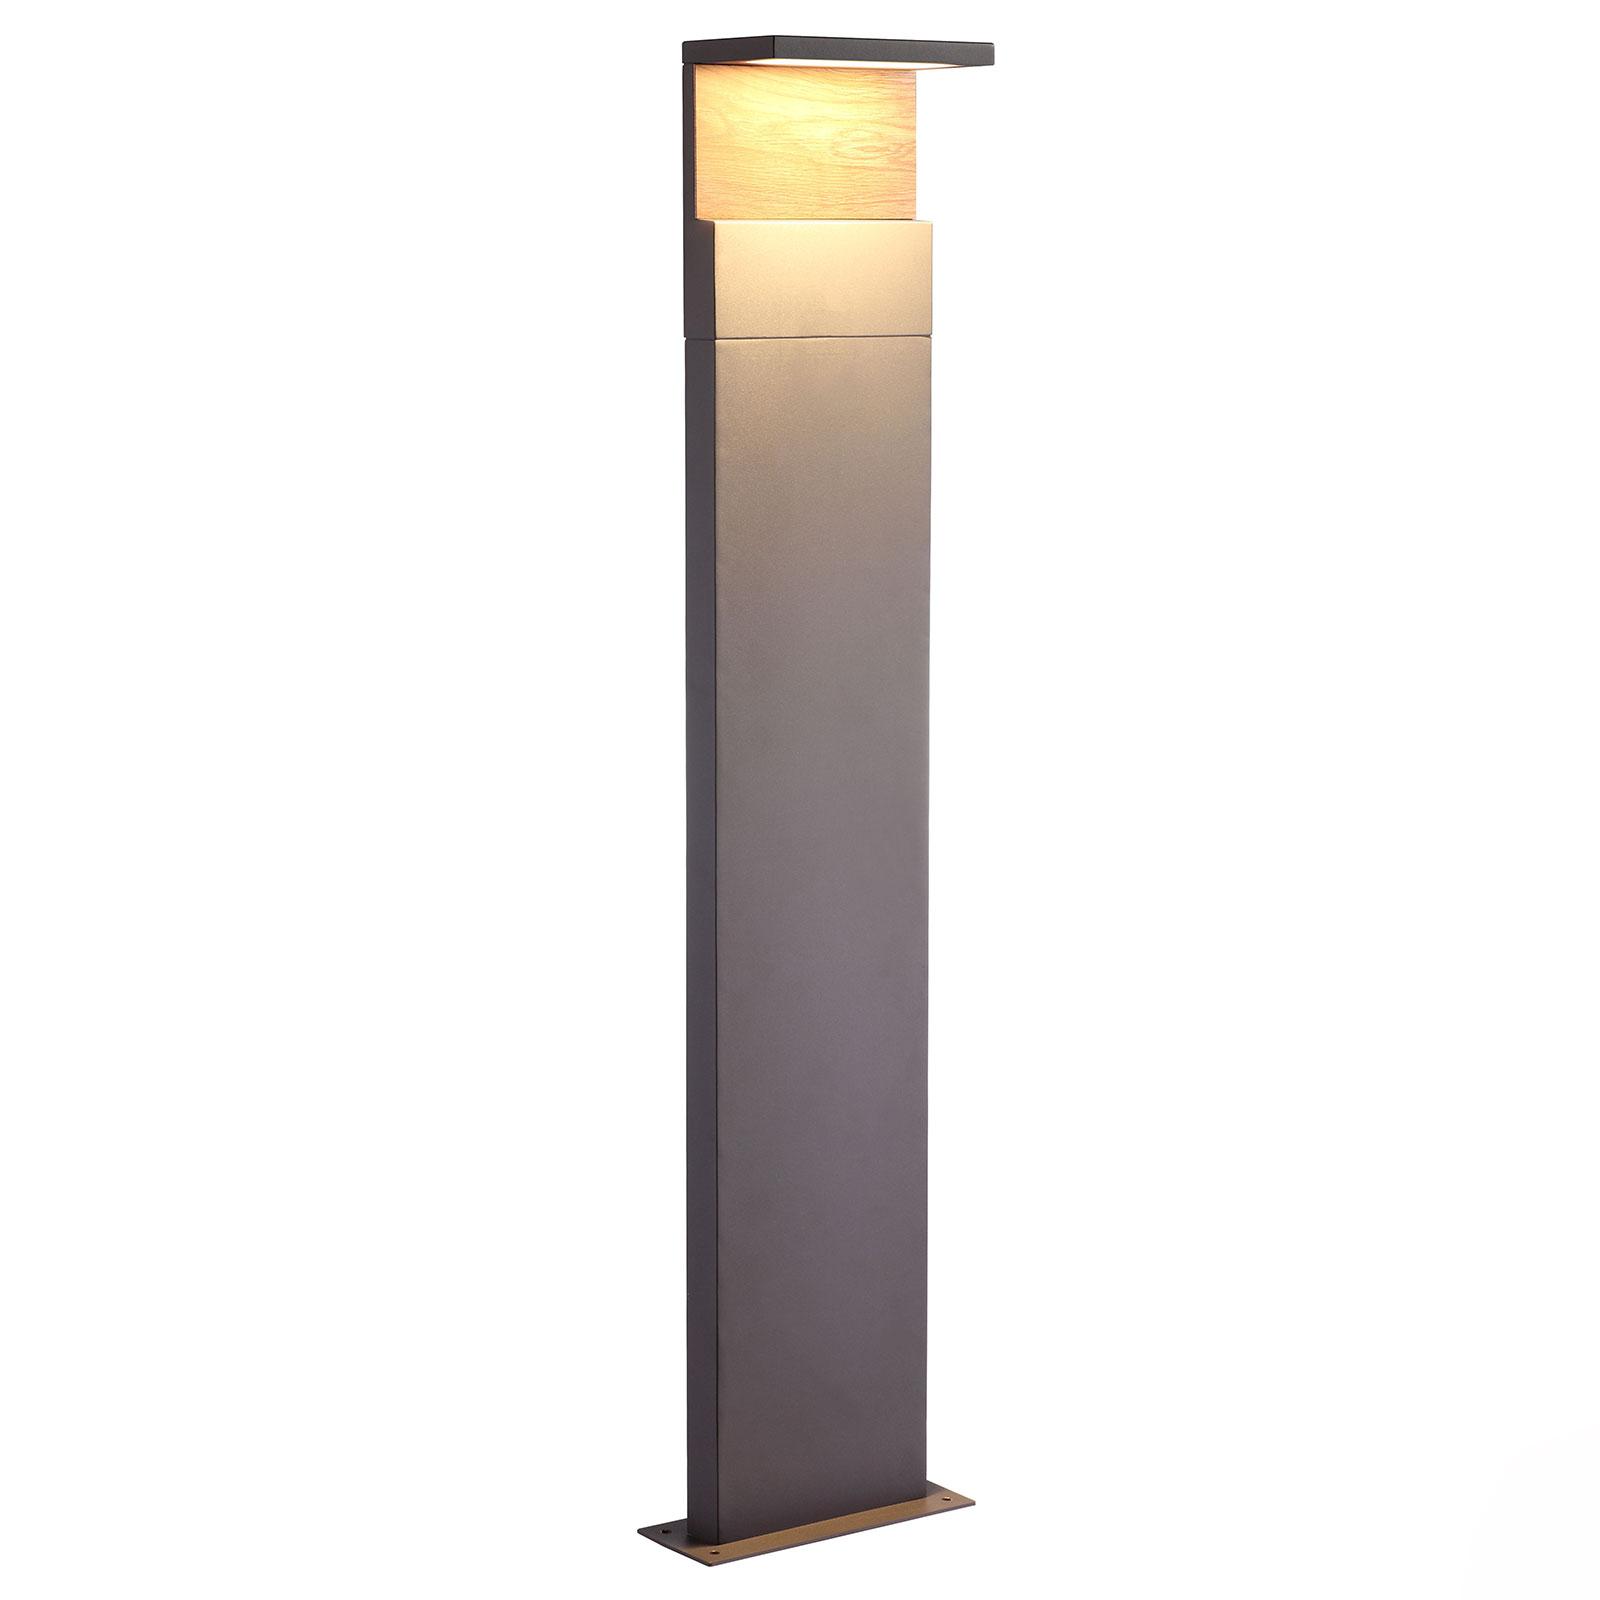 Słupek oświetleniowy LED Ruka, drewno, 100 cm